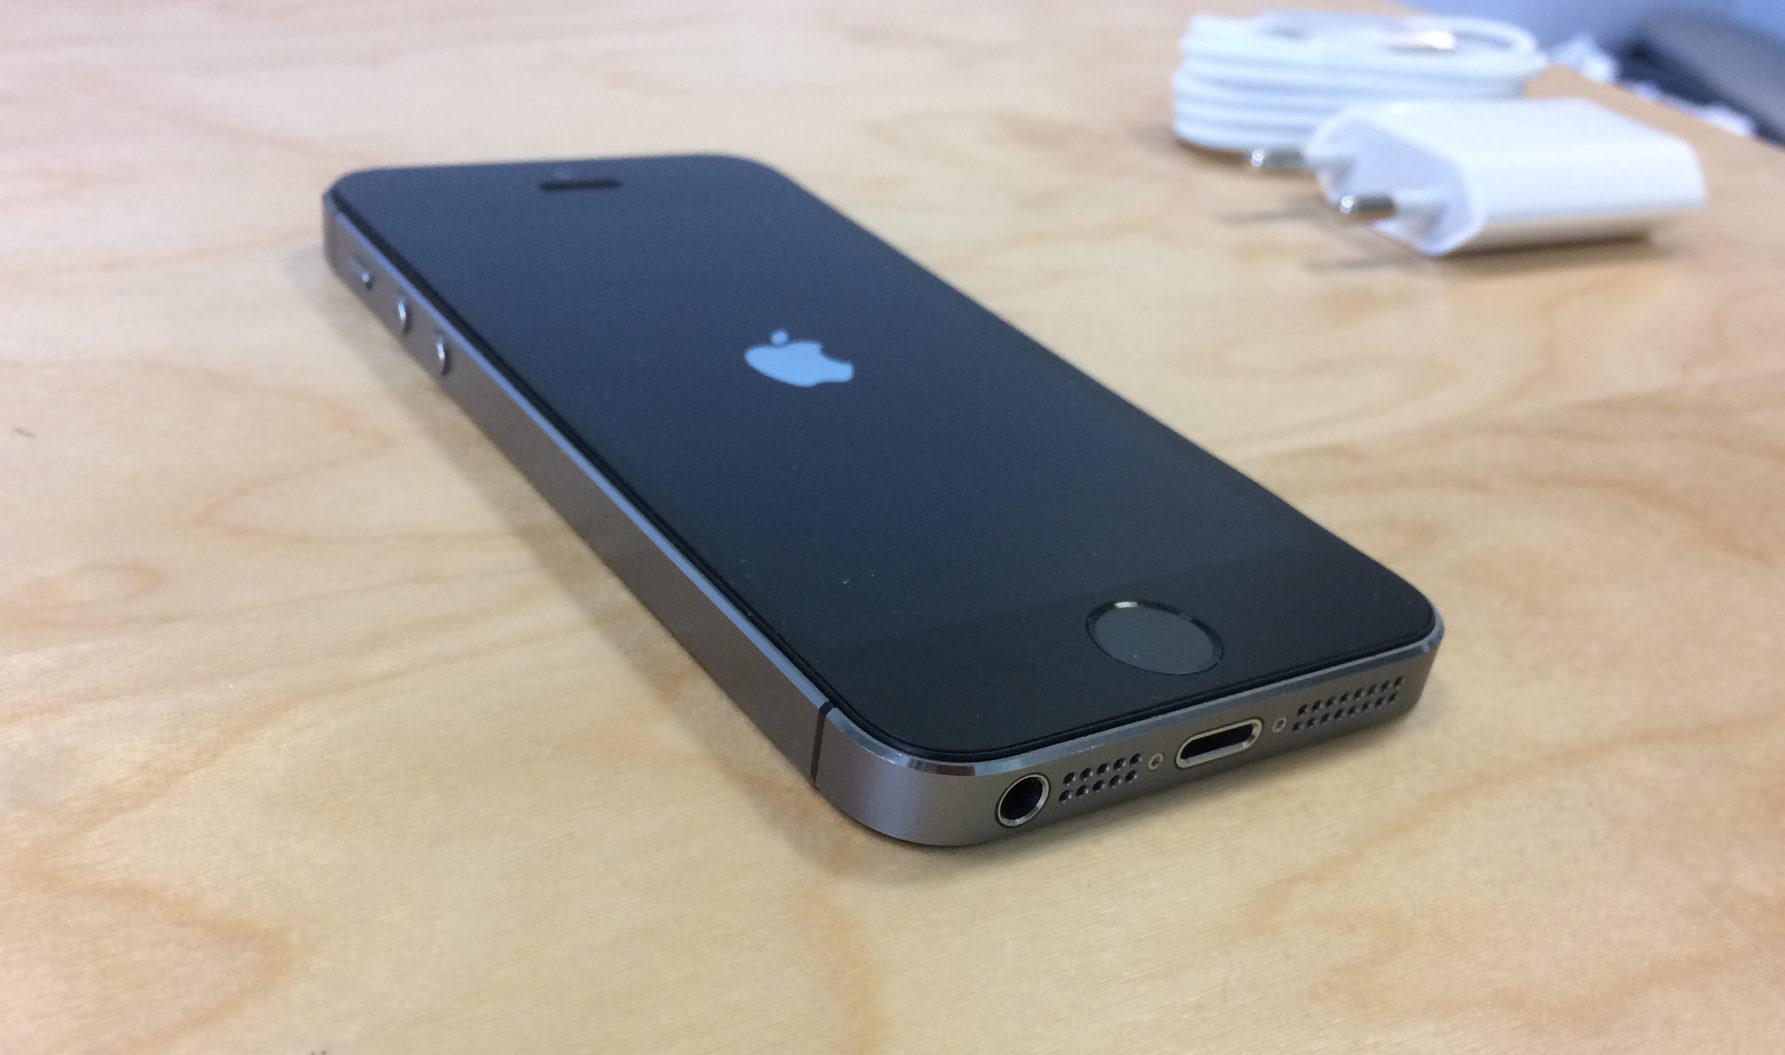 iPhone 5S, 32 GB, Space Gray, imagen 3